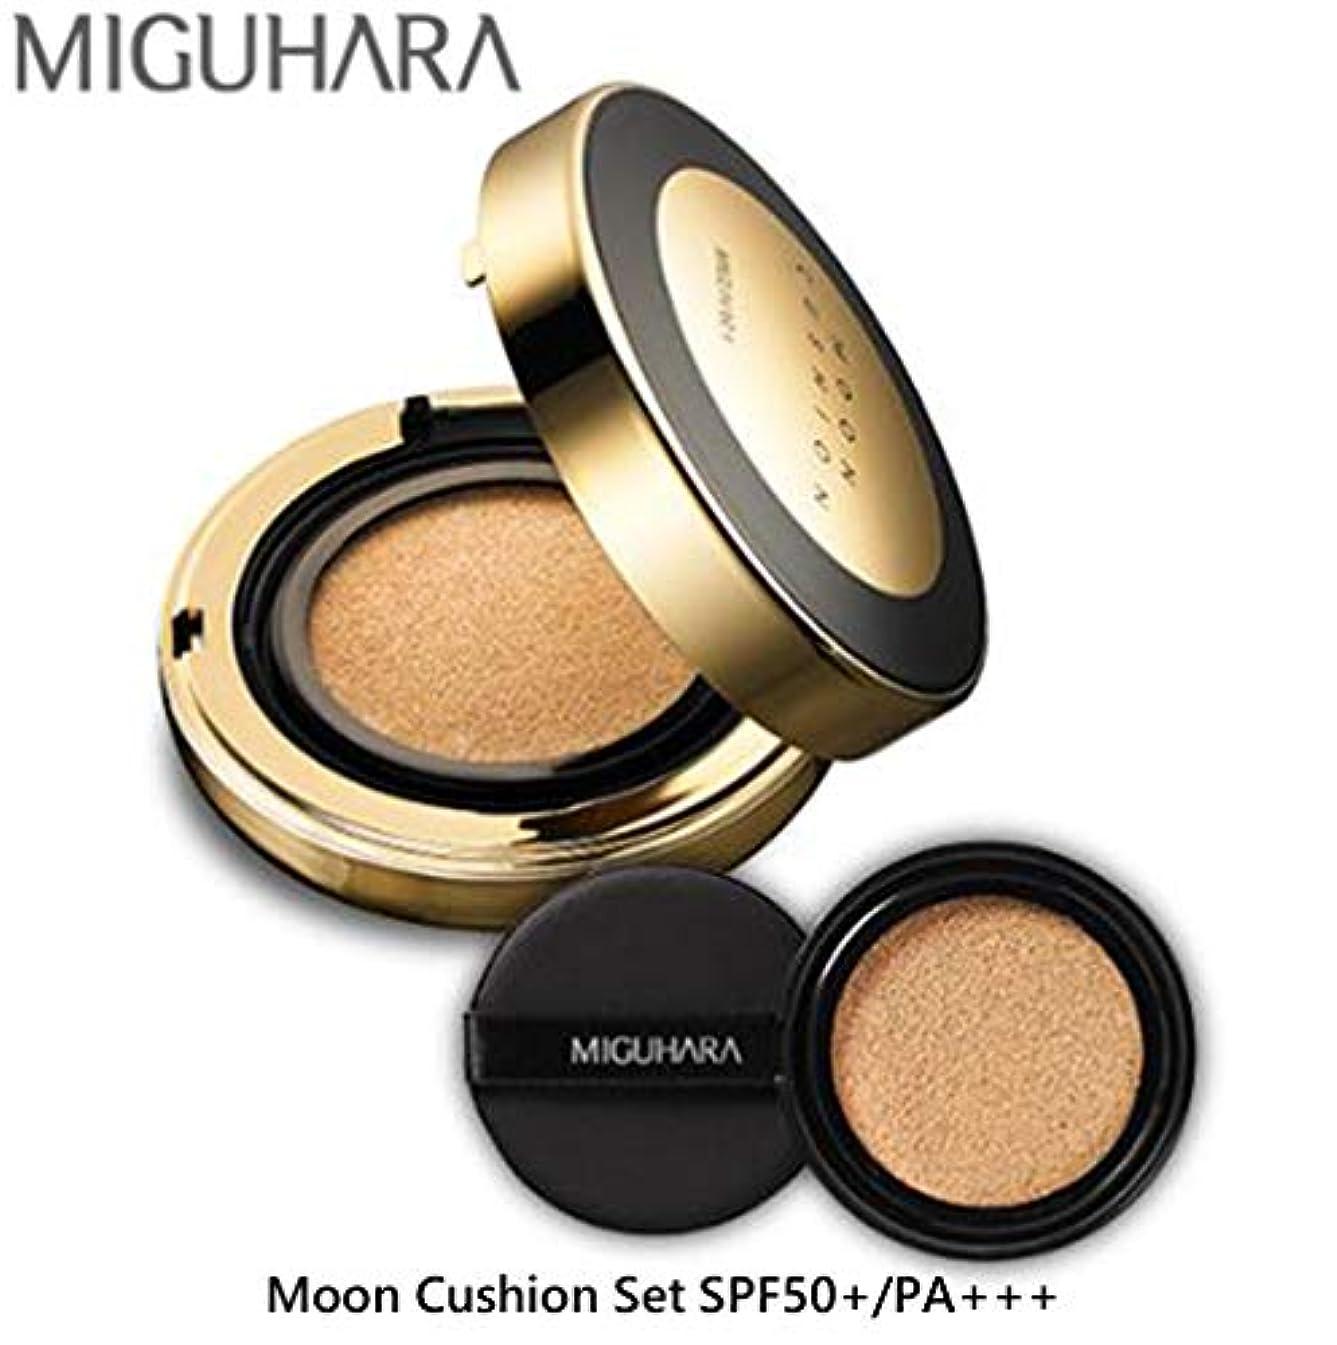 MIGUHARA Moon Cushion Set SPF50+/PA+++ (14g+14g)